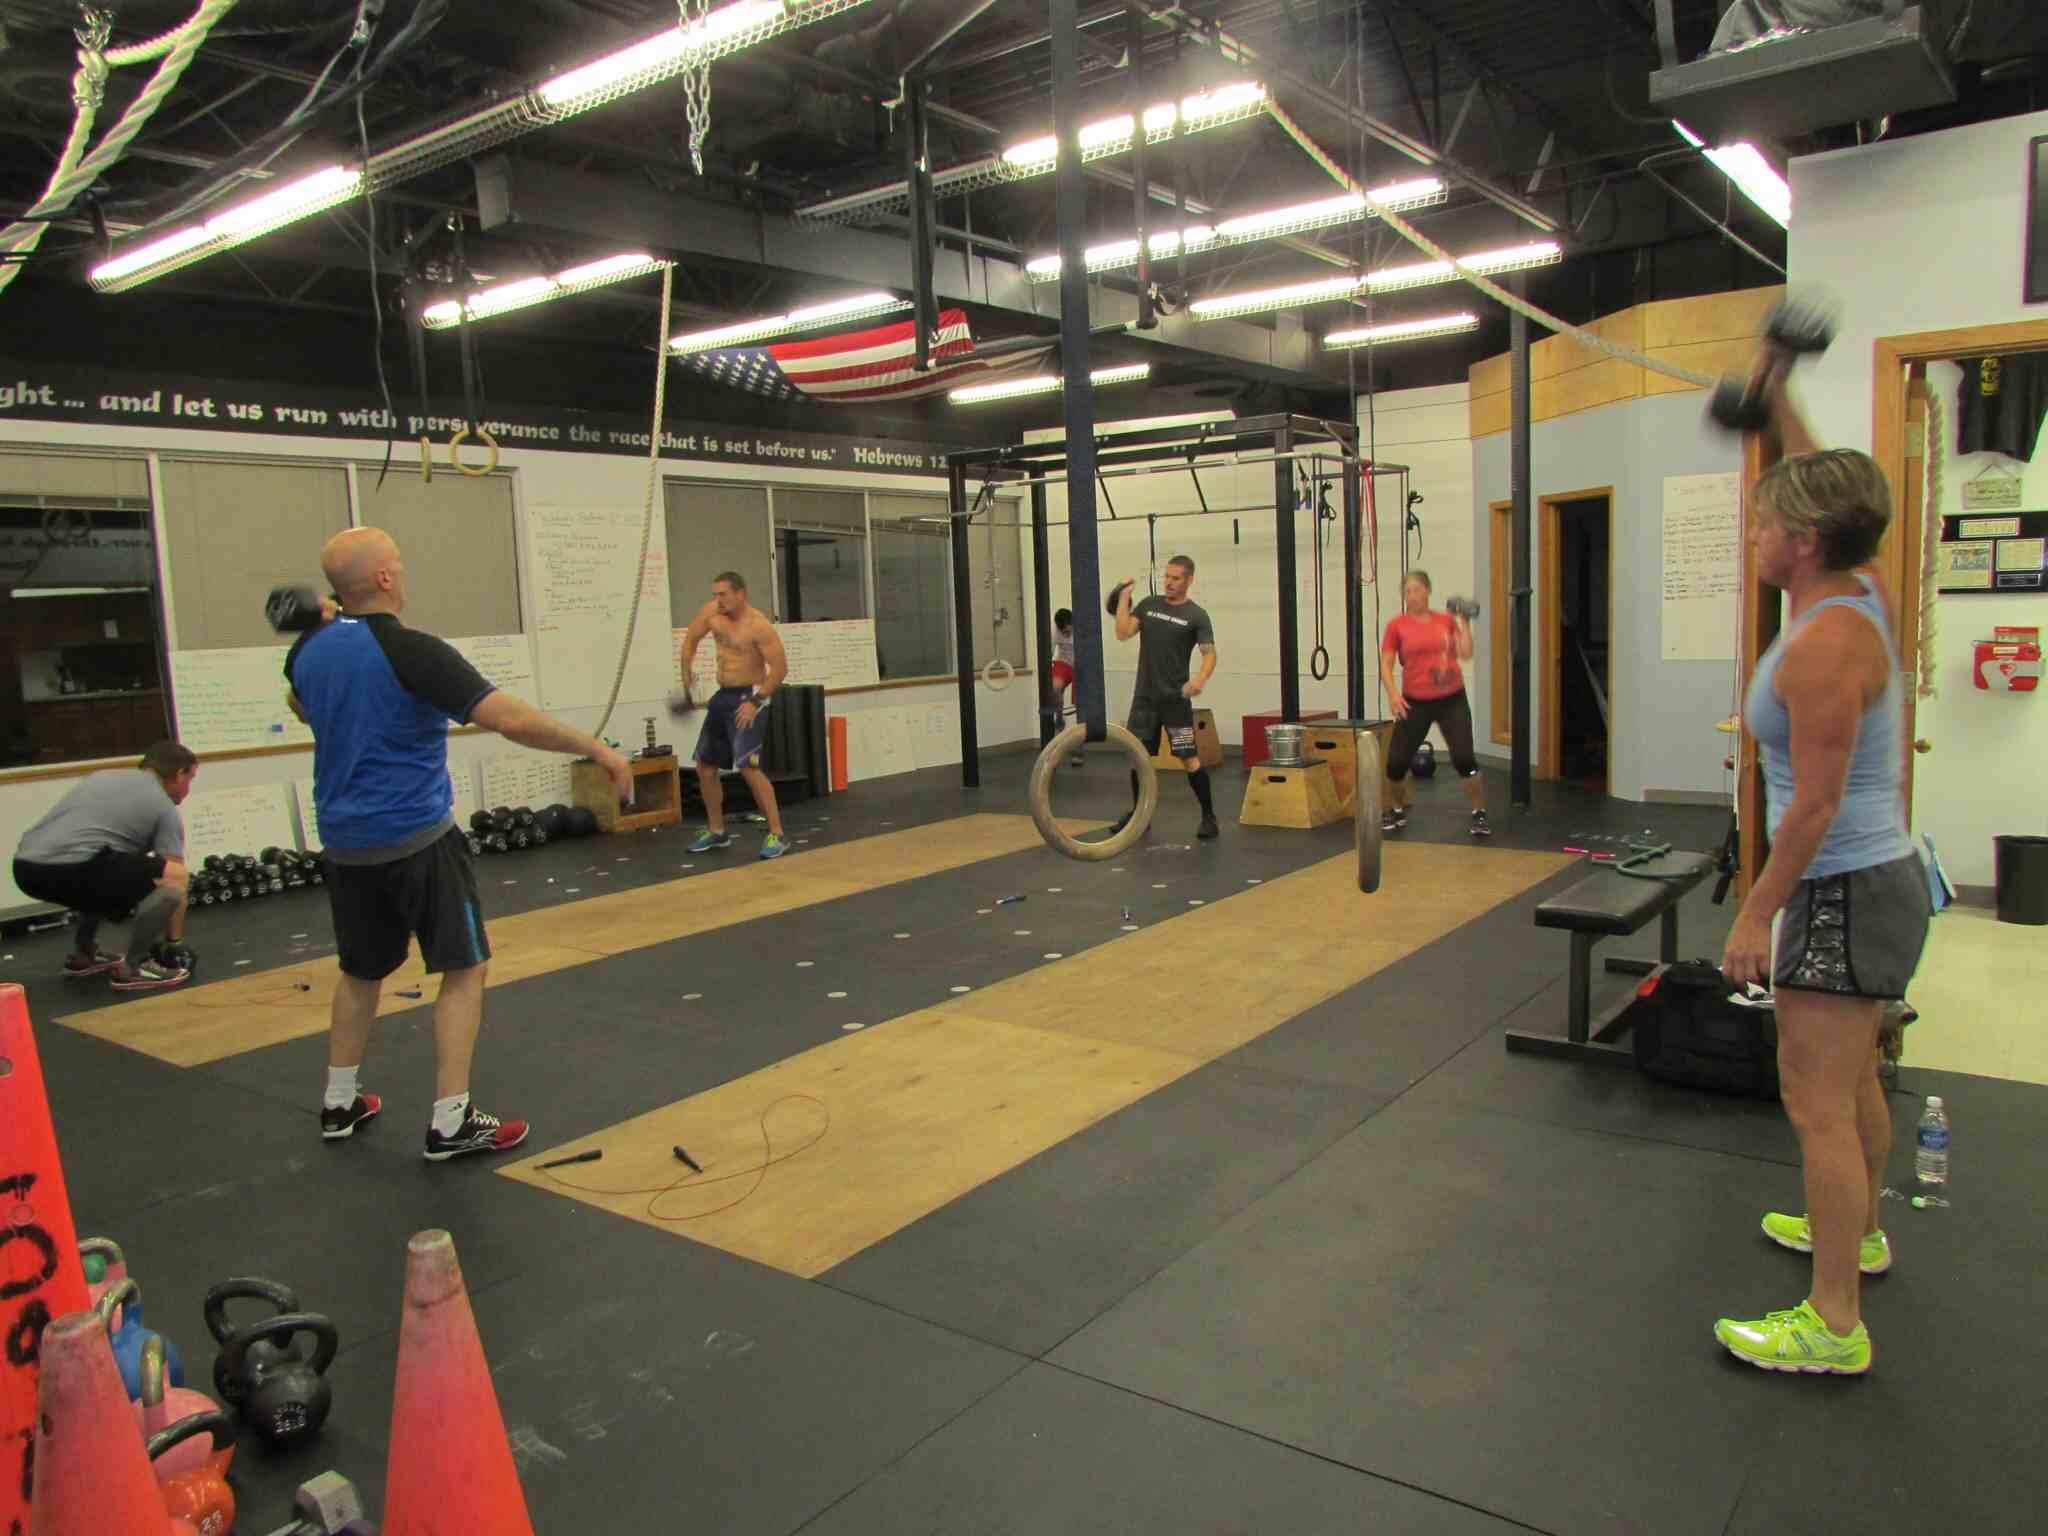 Revista es ejercicio y salud crean gimnasio especial for Gimnasio abierto